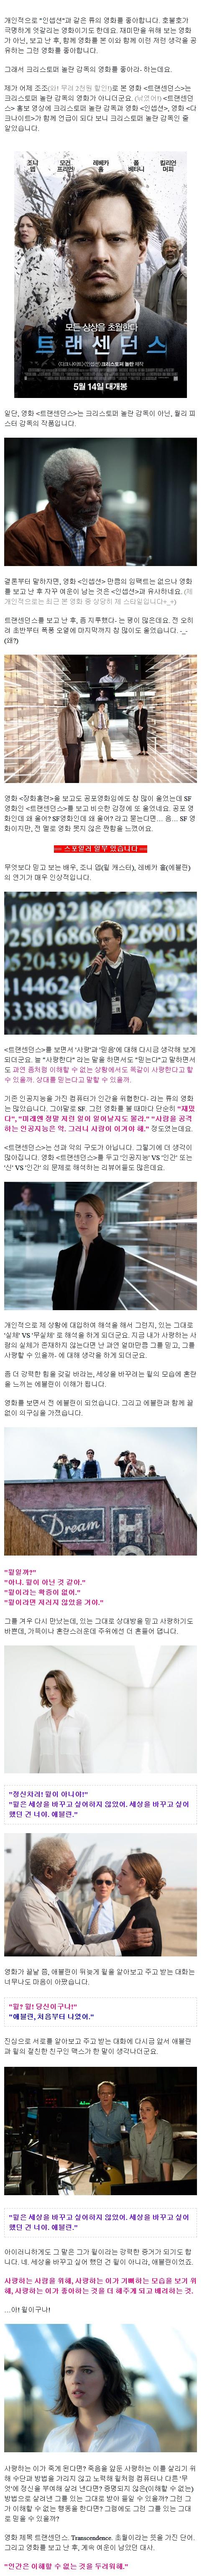 트랜센던스 SF영화